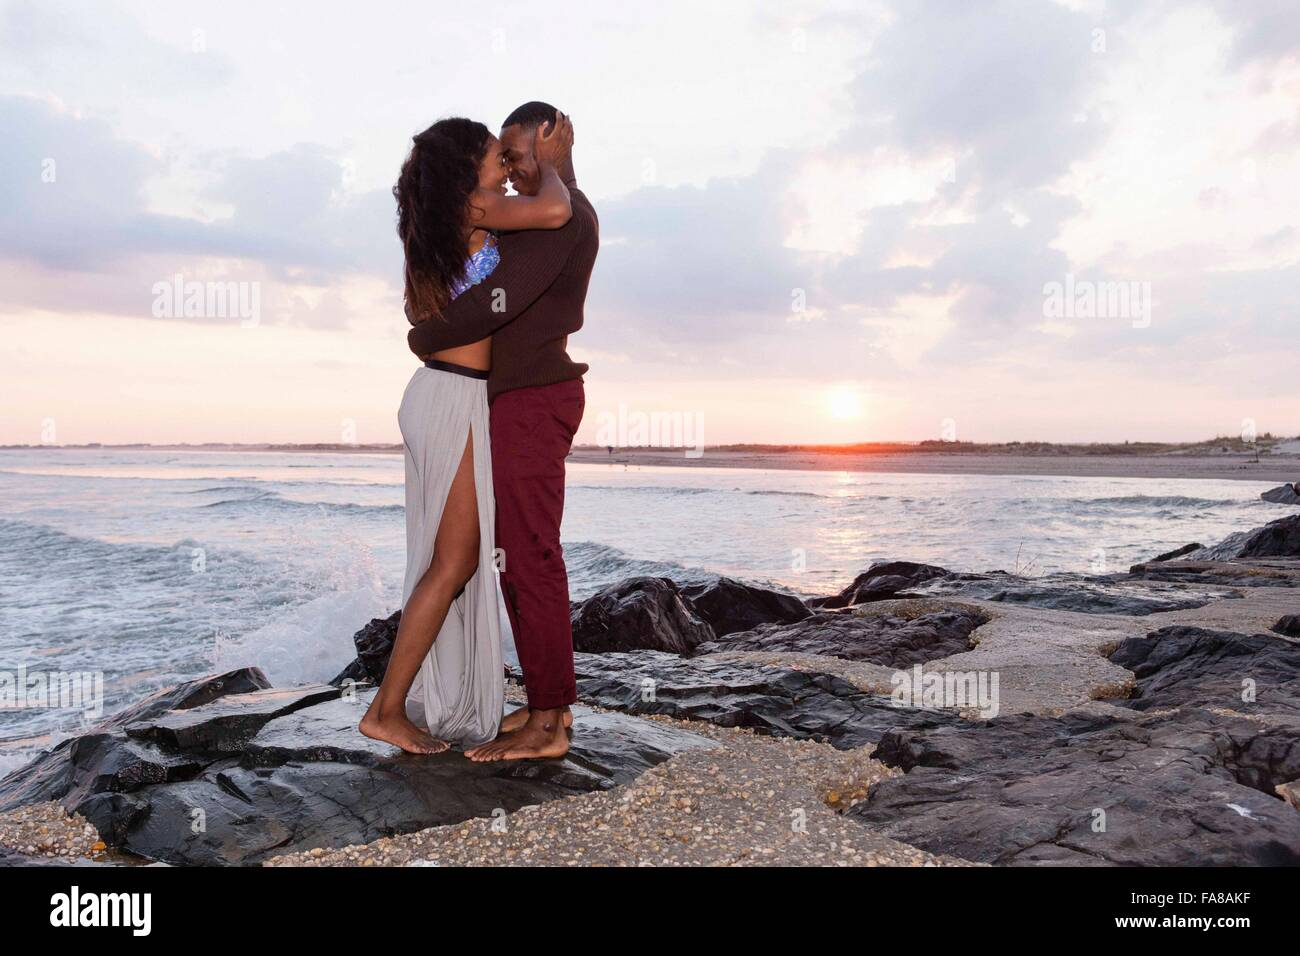 Par de pie en las rocas junto al mar, abrazarse, cara a cara. Foto de stock